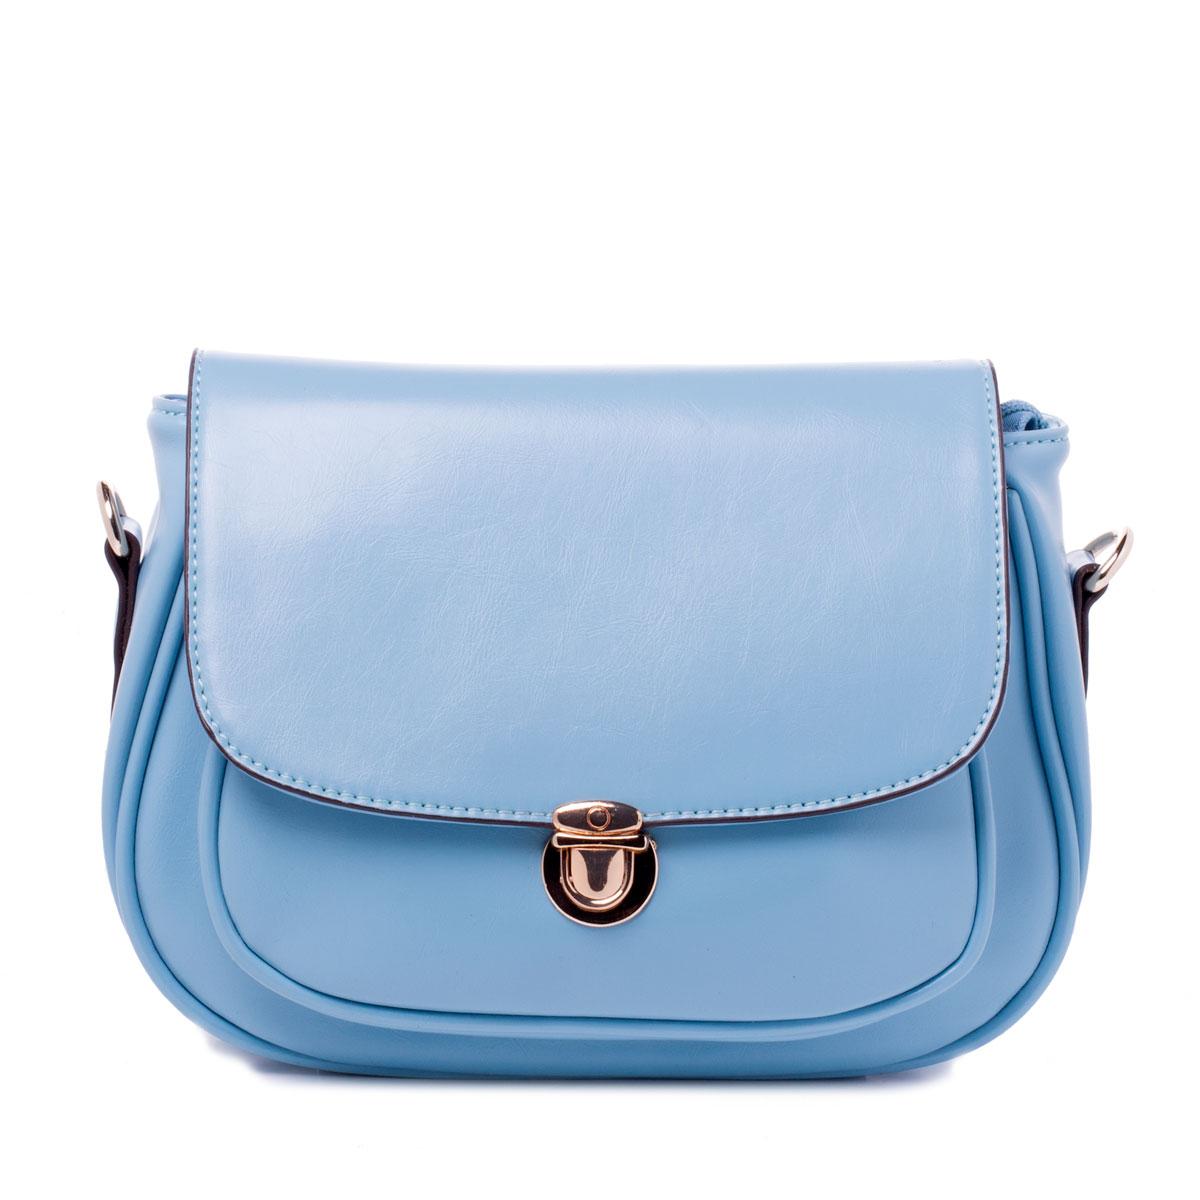 Сумка женская Baggini, цвет: голубой, аква. 29575/4029575/40Сумка жен., иск. кожа